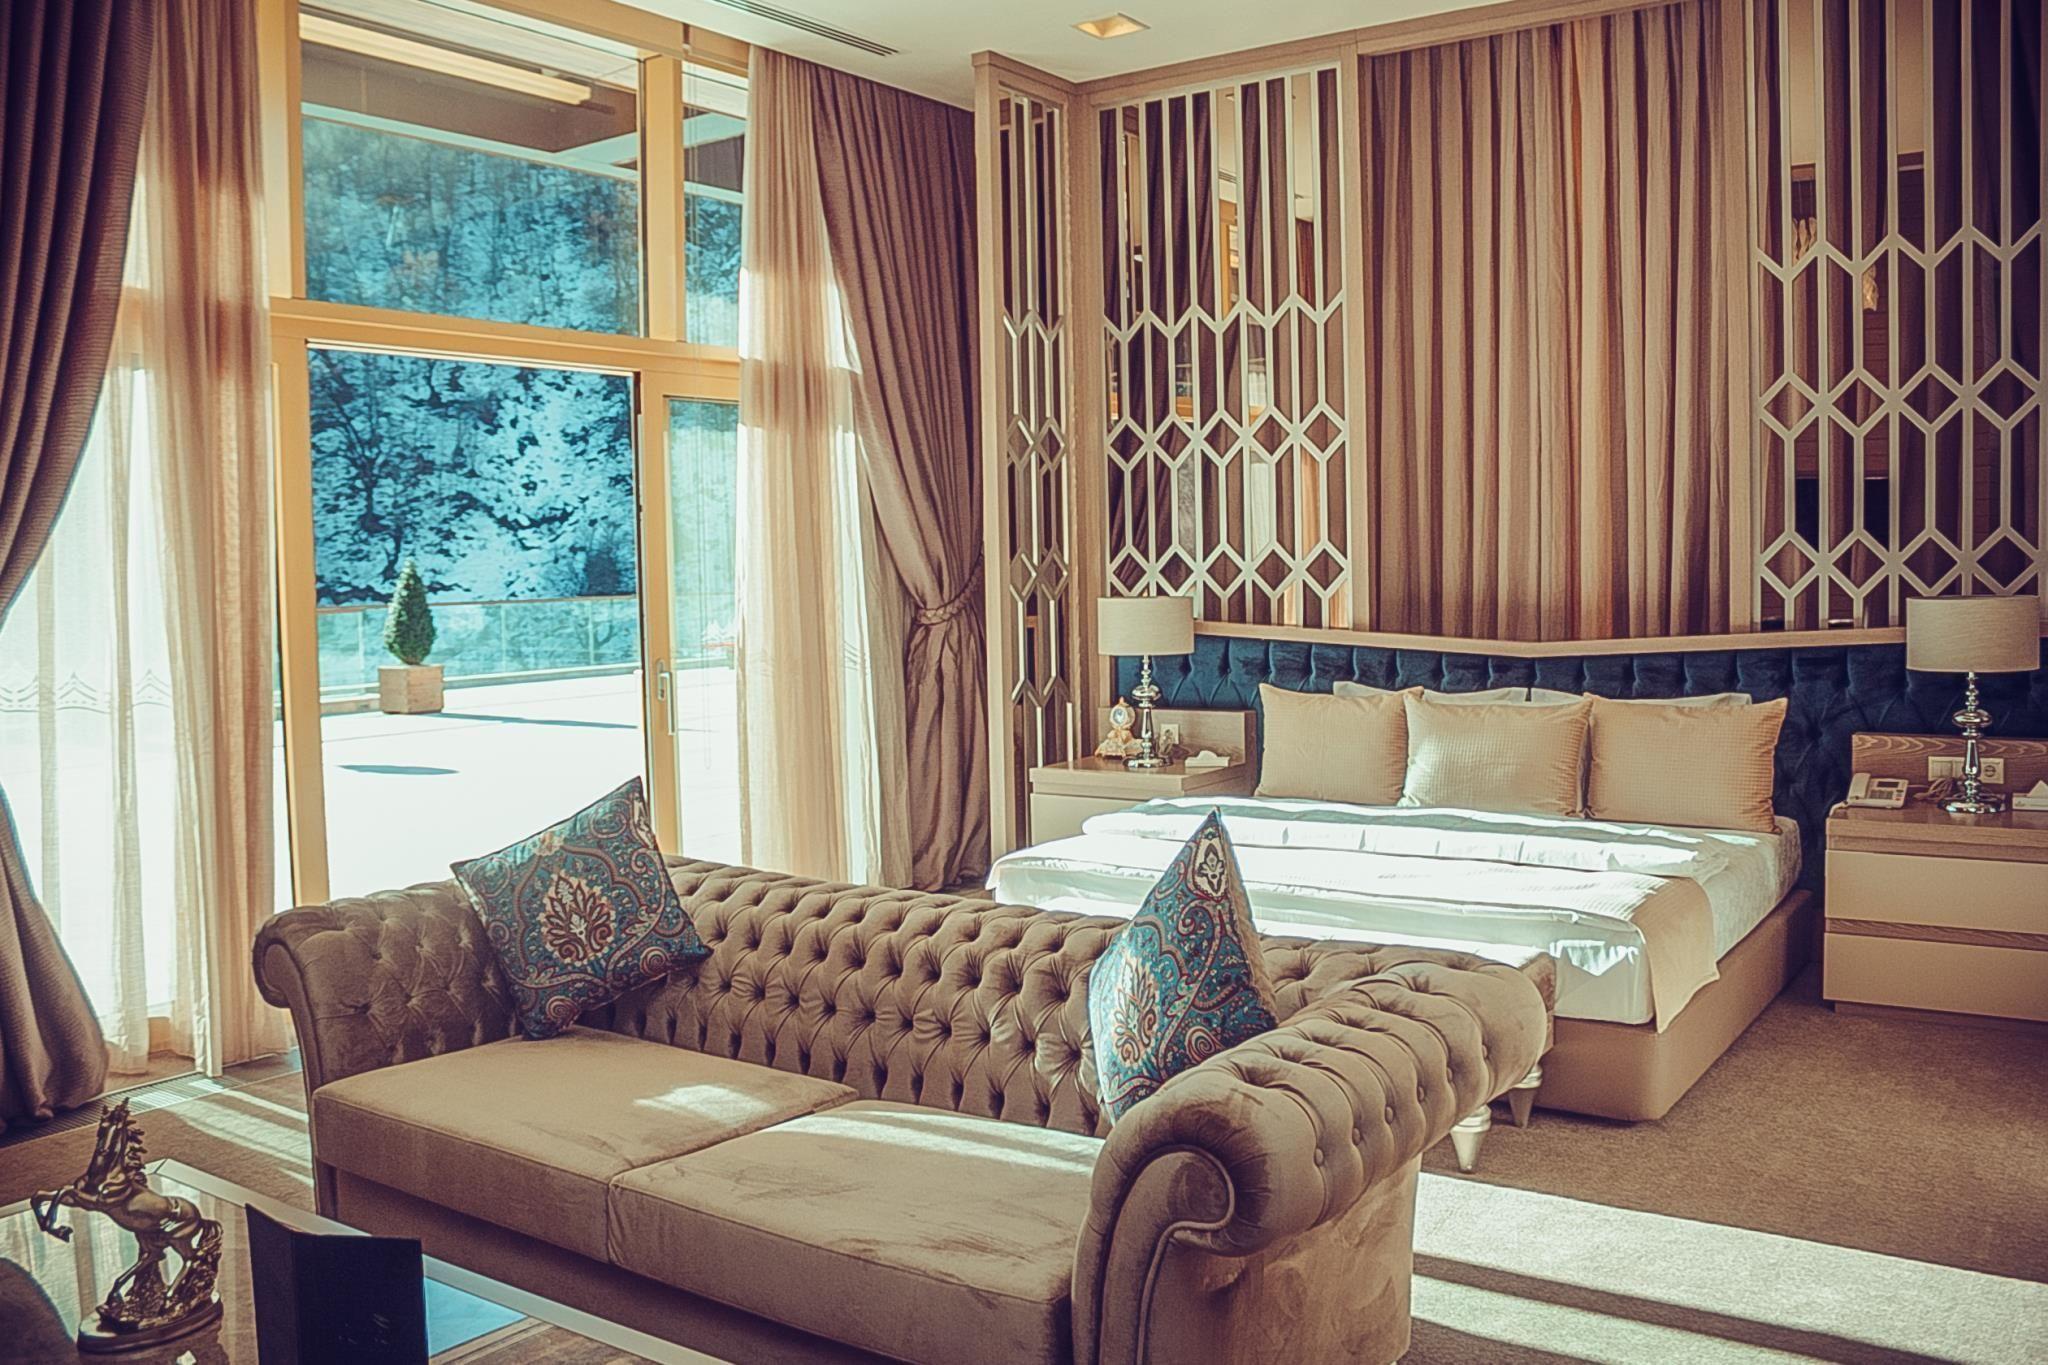 Qafqaz Tufandag Mountain Resort Hotel Gabala Azerbaijan Hotel Hotels And Resorts Mountain Resort